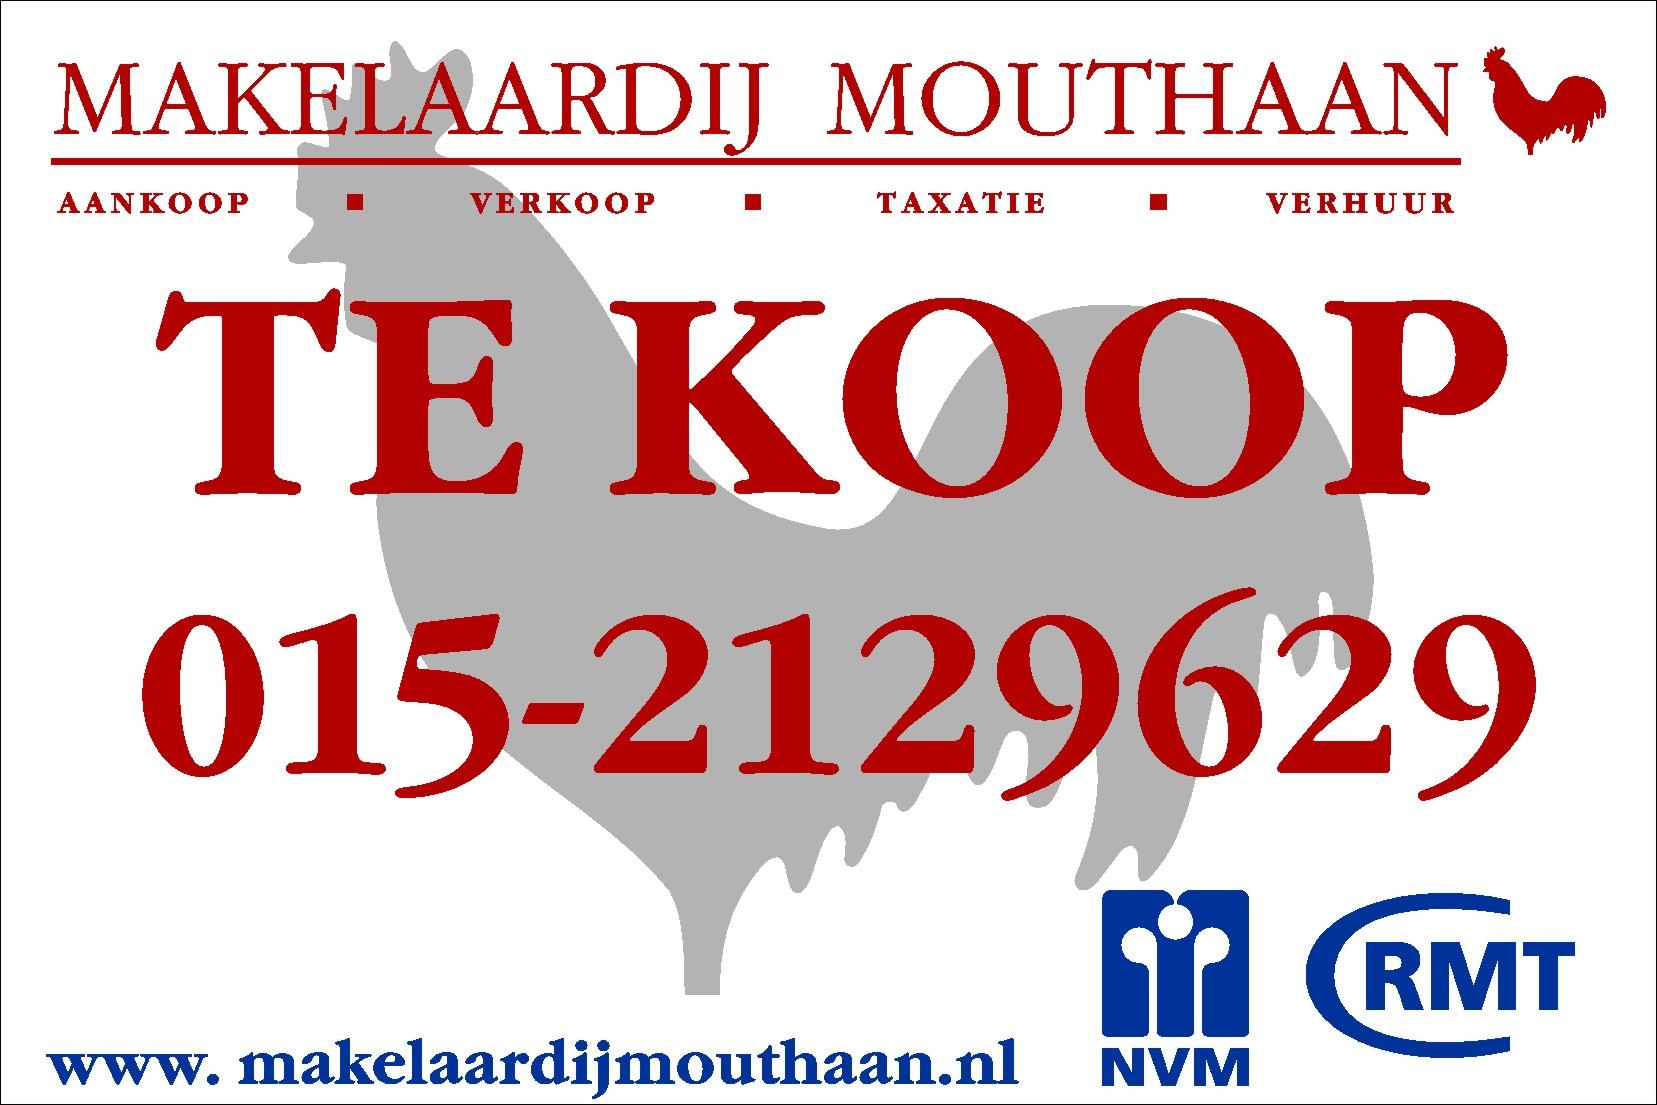 Logo Makelaardij Mouthaan